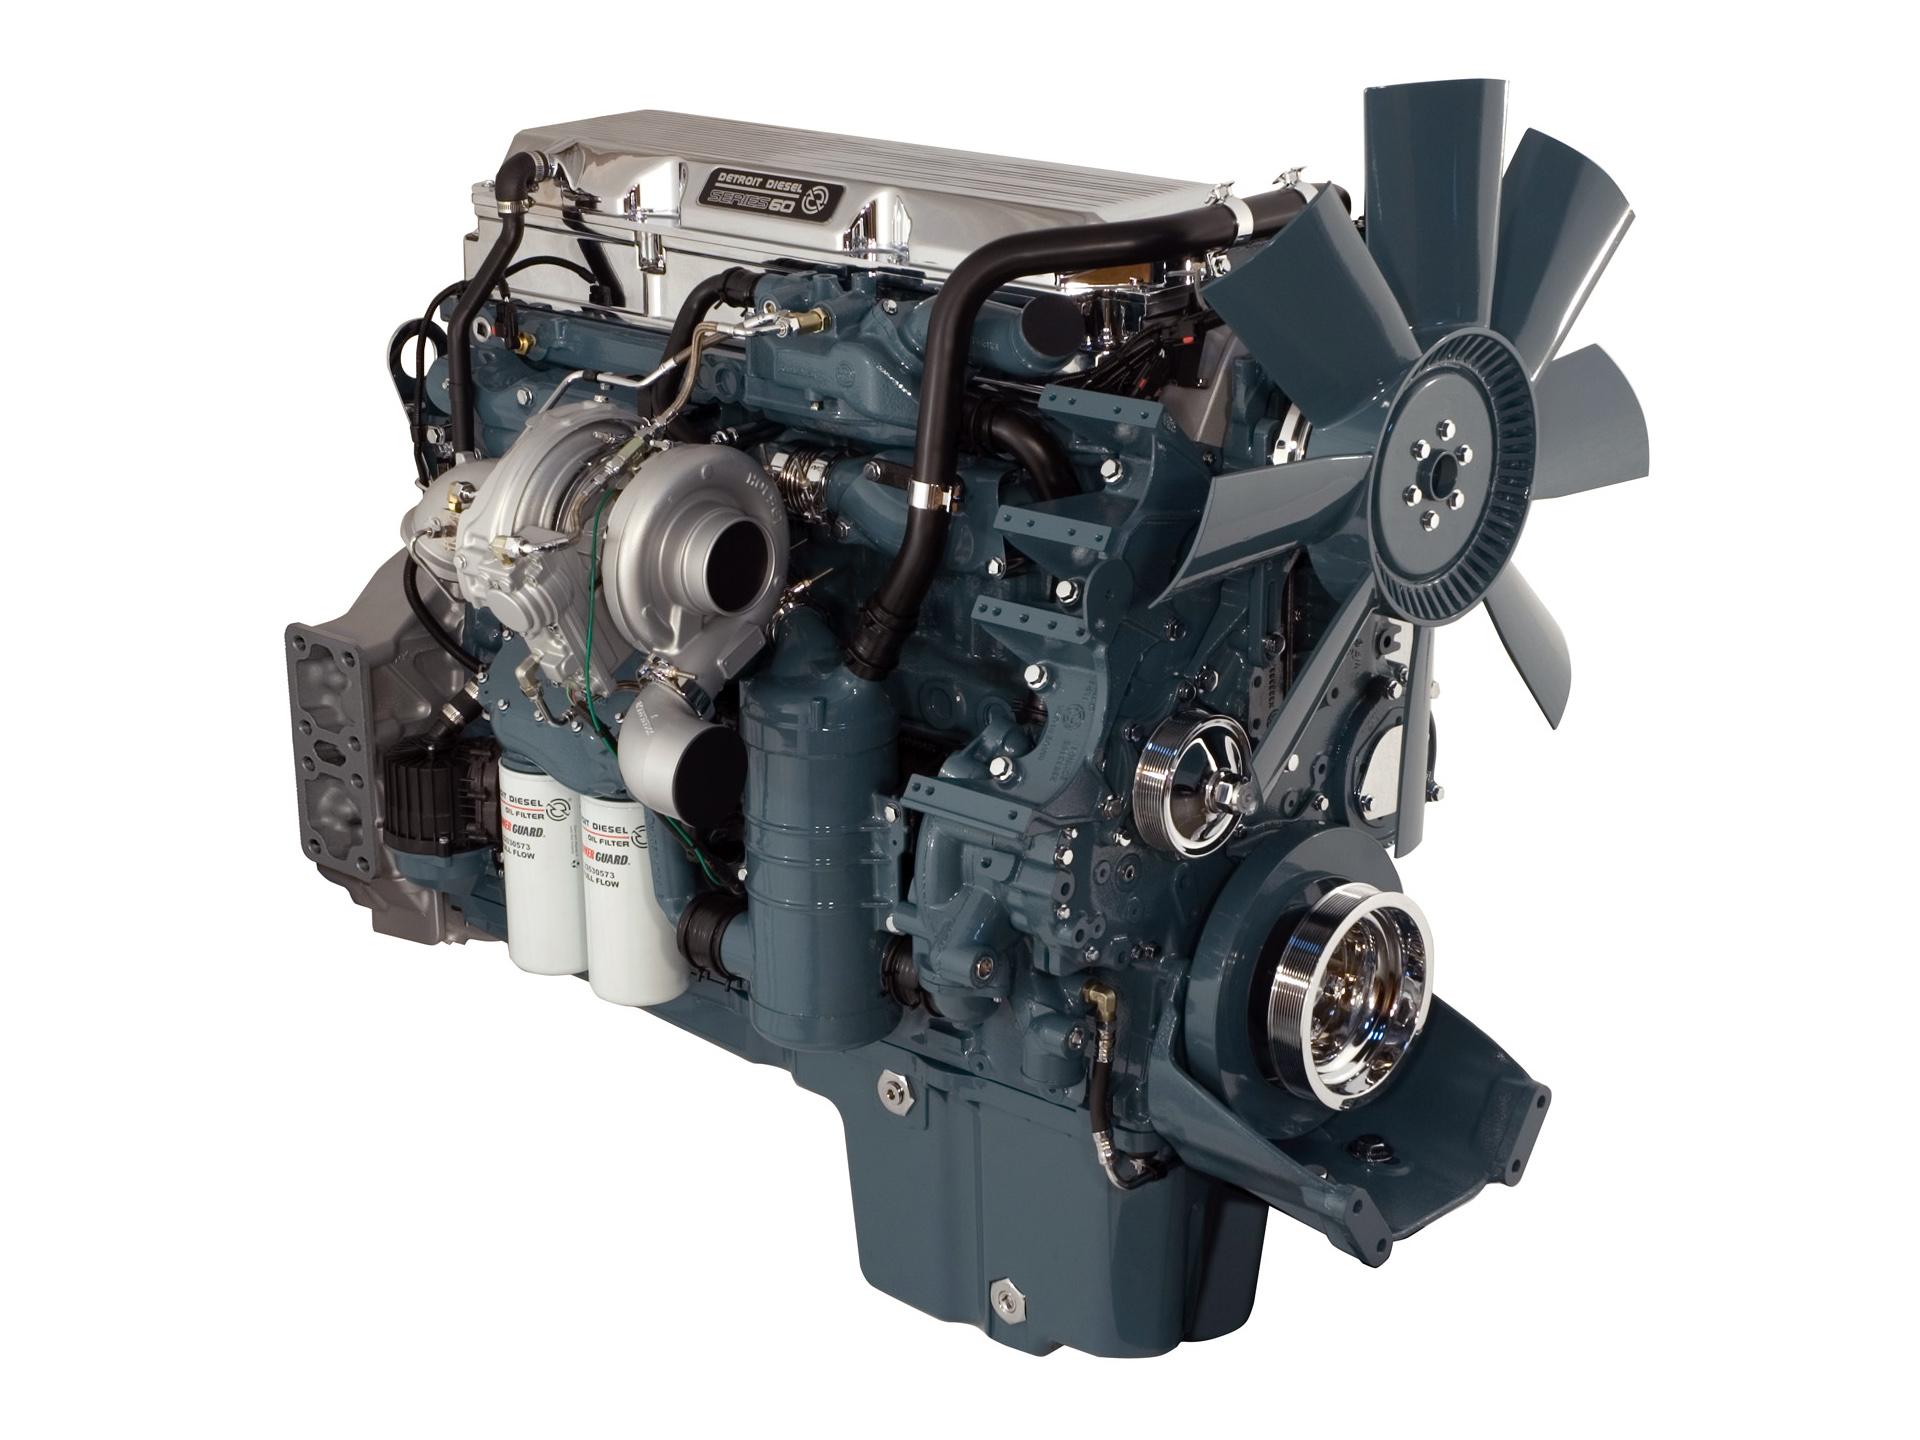 ... Best Diesel Engine - Detroit Diesel Series 60